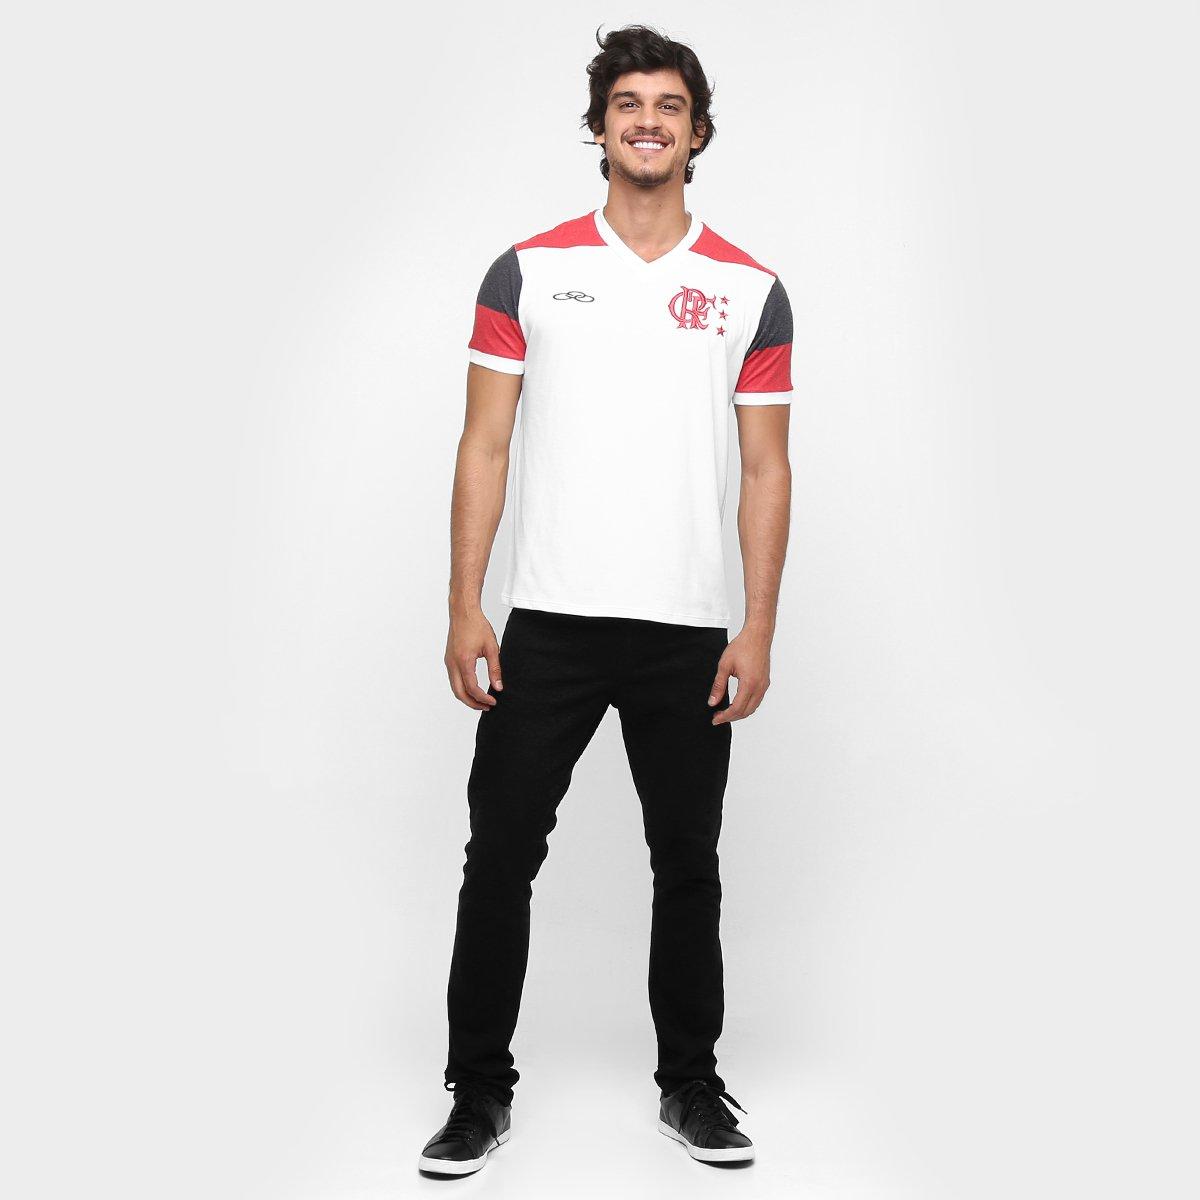 Camiseta Olympikus Flamengo Mundial 81 - Compre Agora  70c5b8cca5a2d